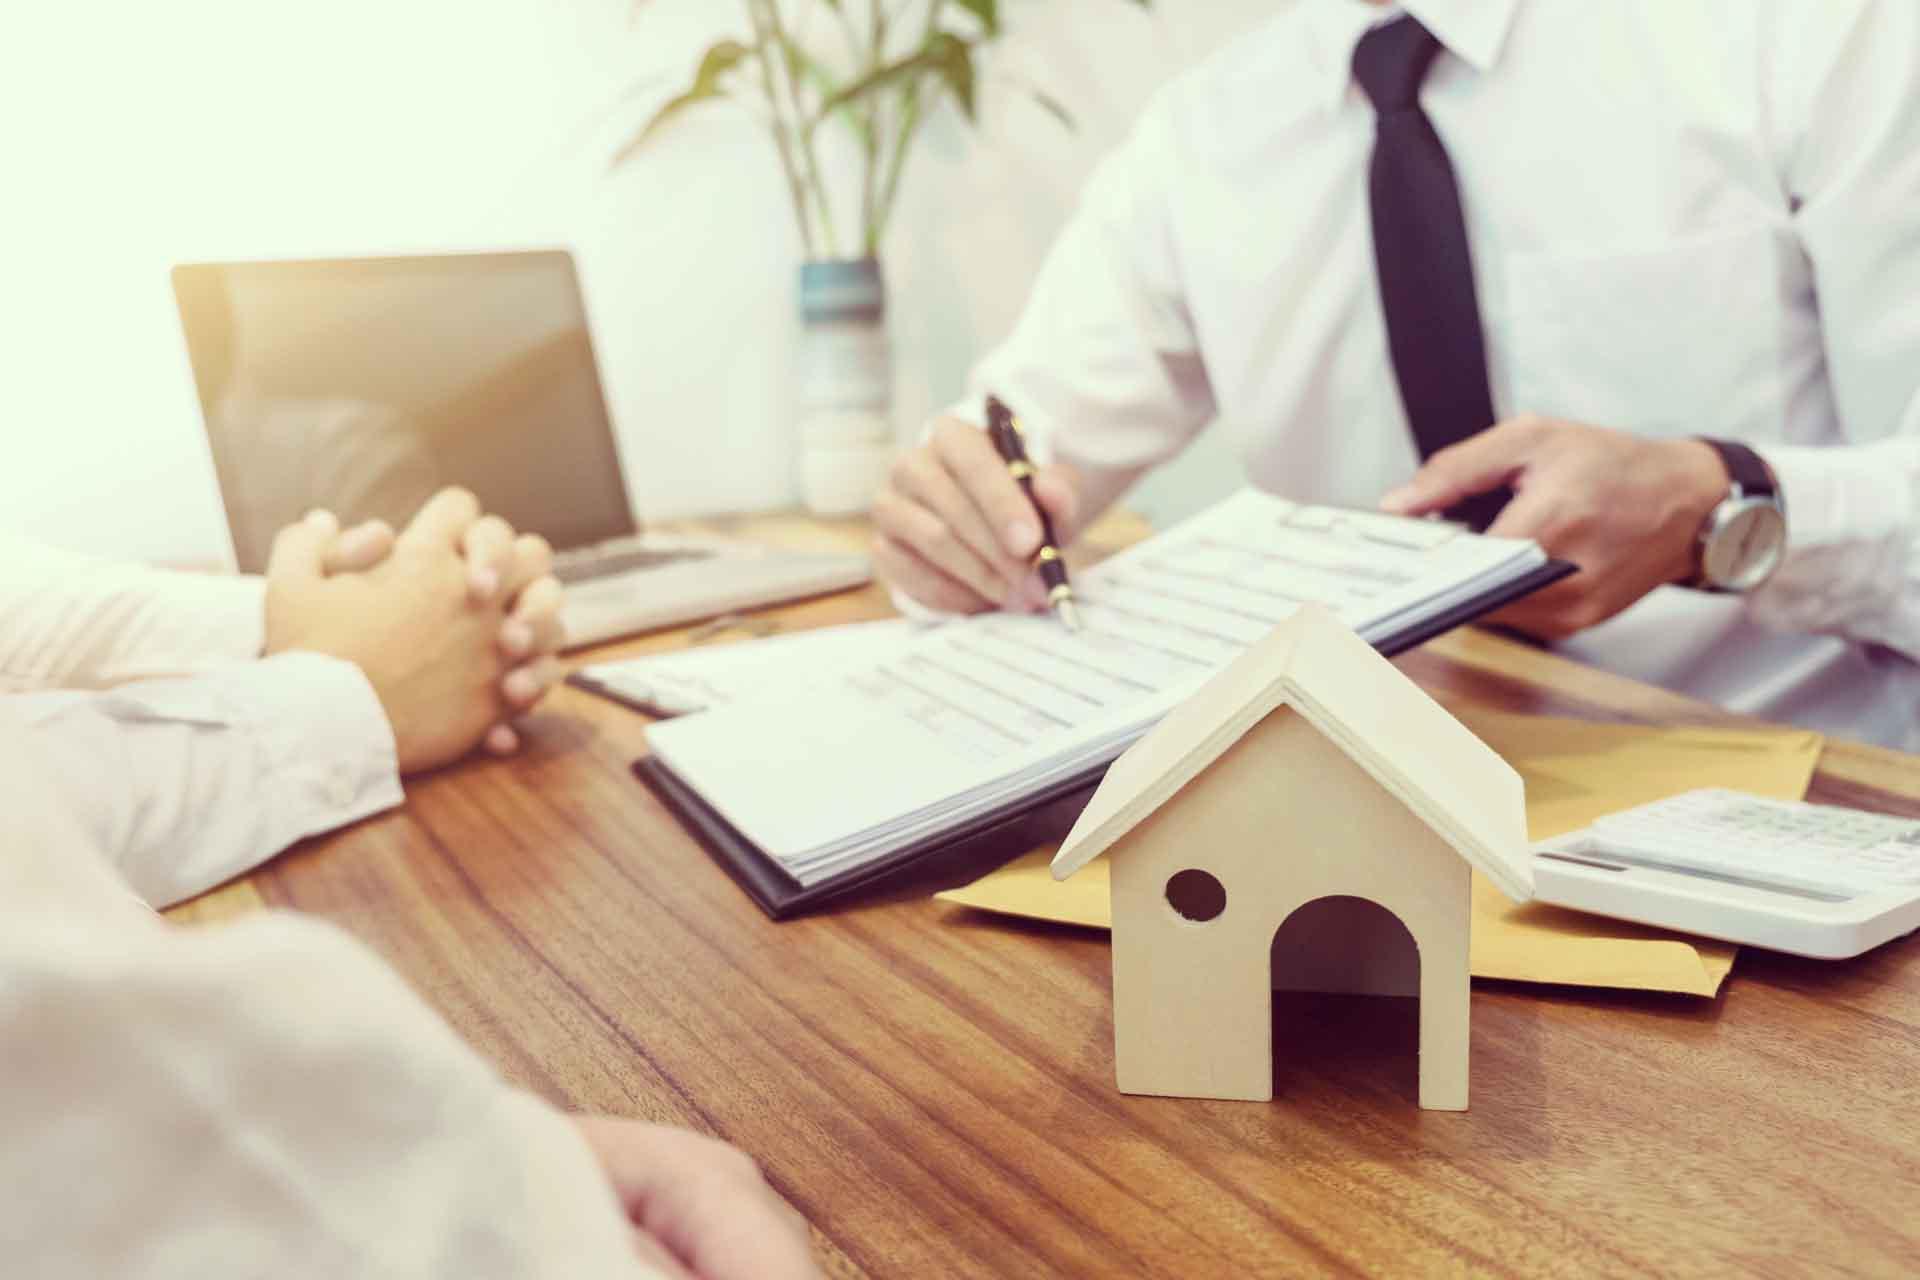 ¿Quieres vender tu casa? Sácale el máximo provecho con estos pasos